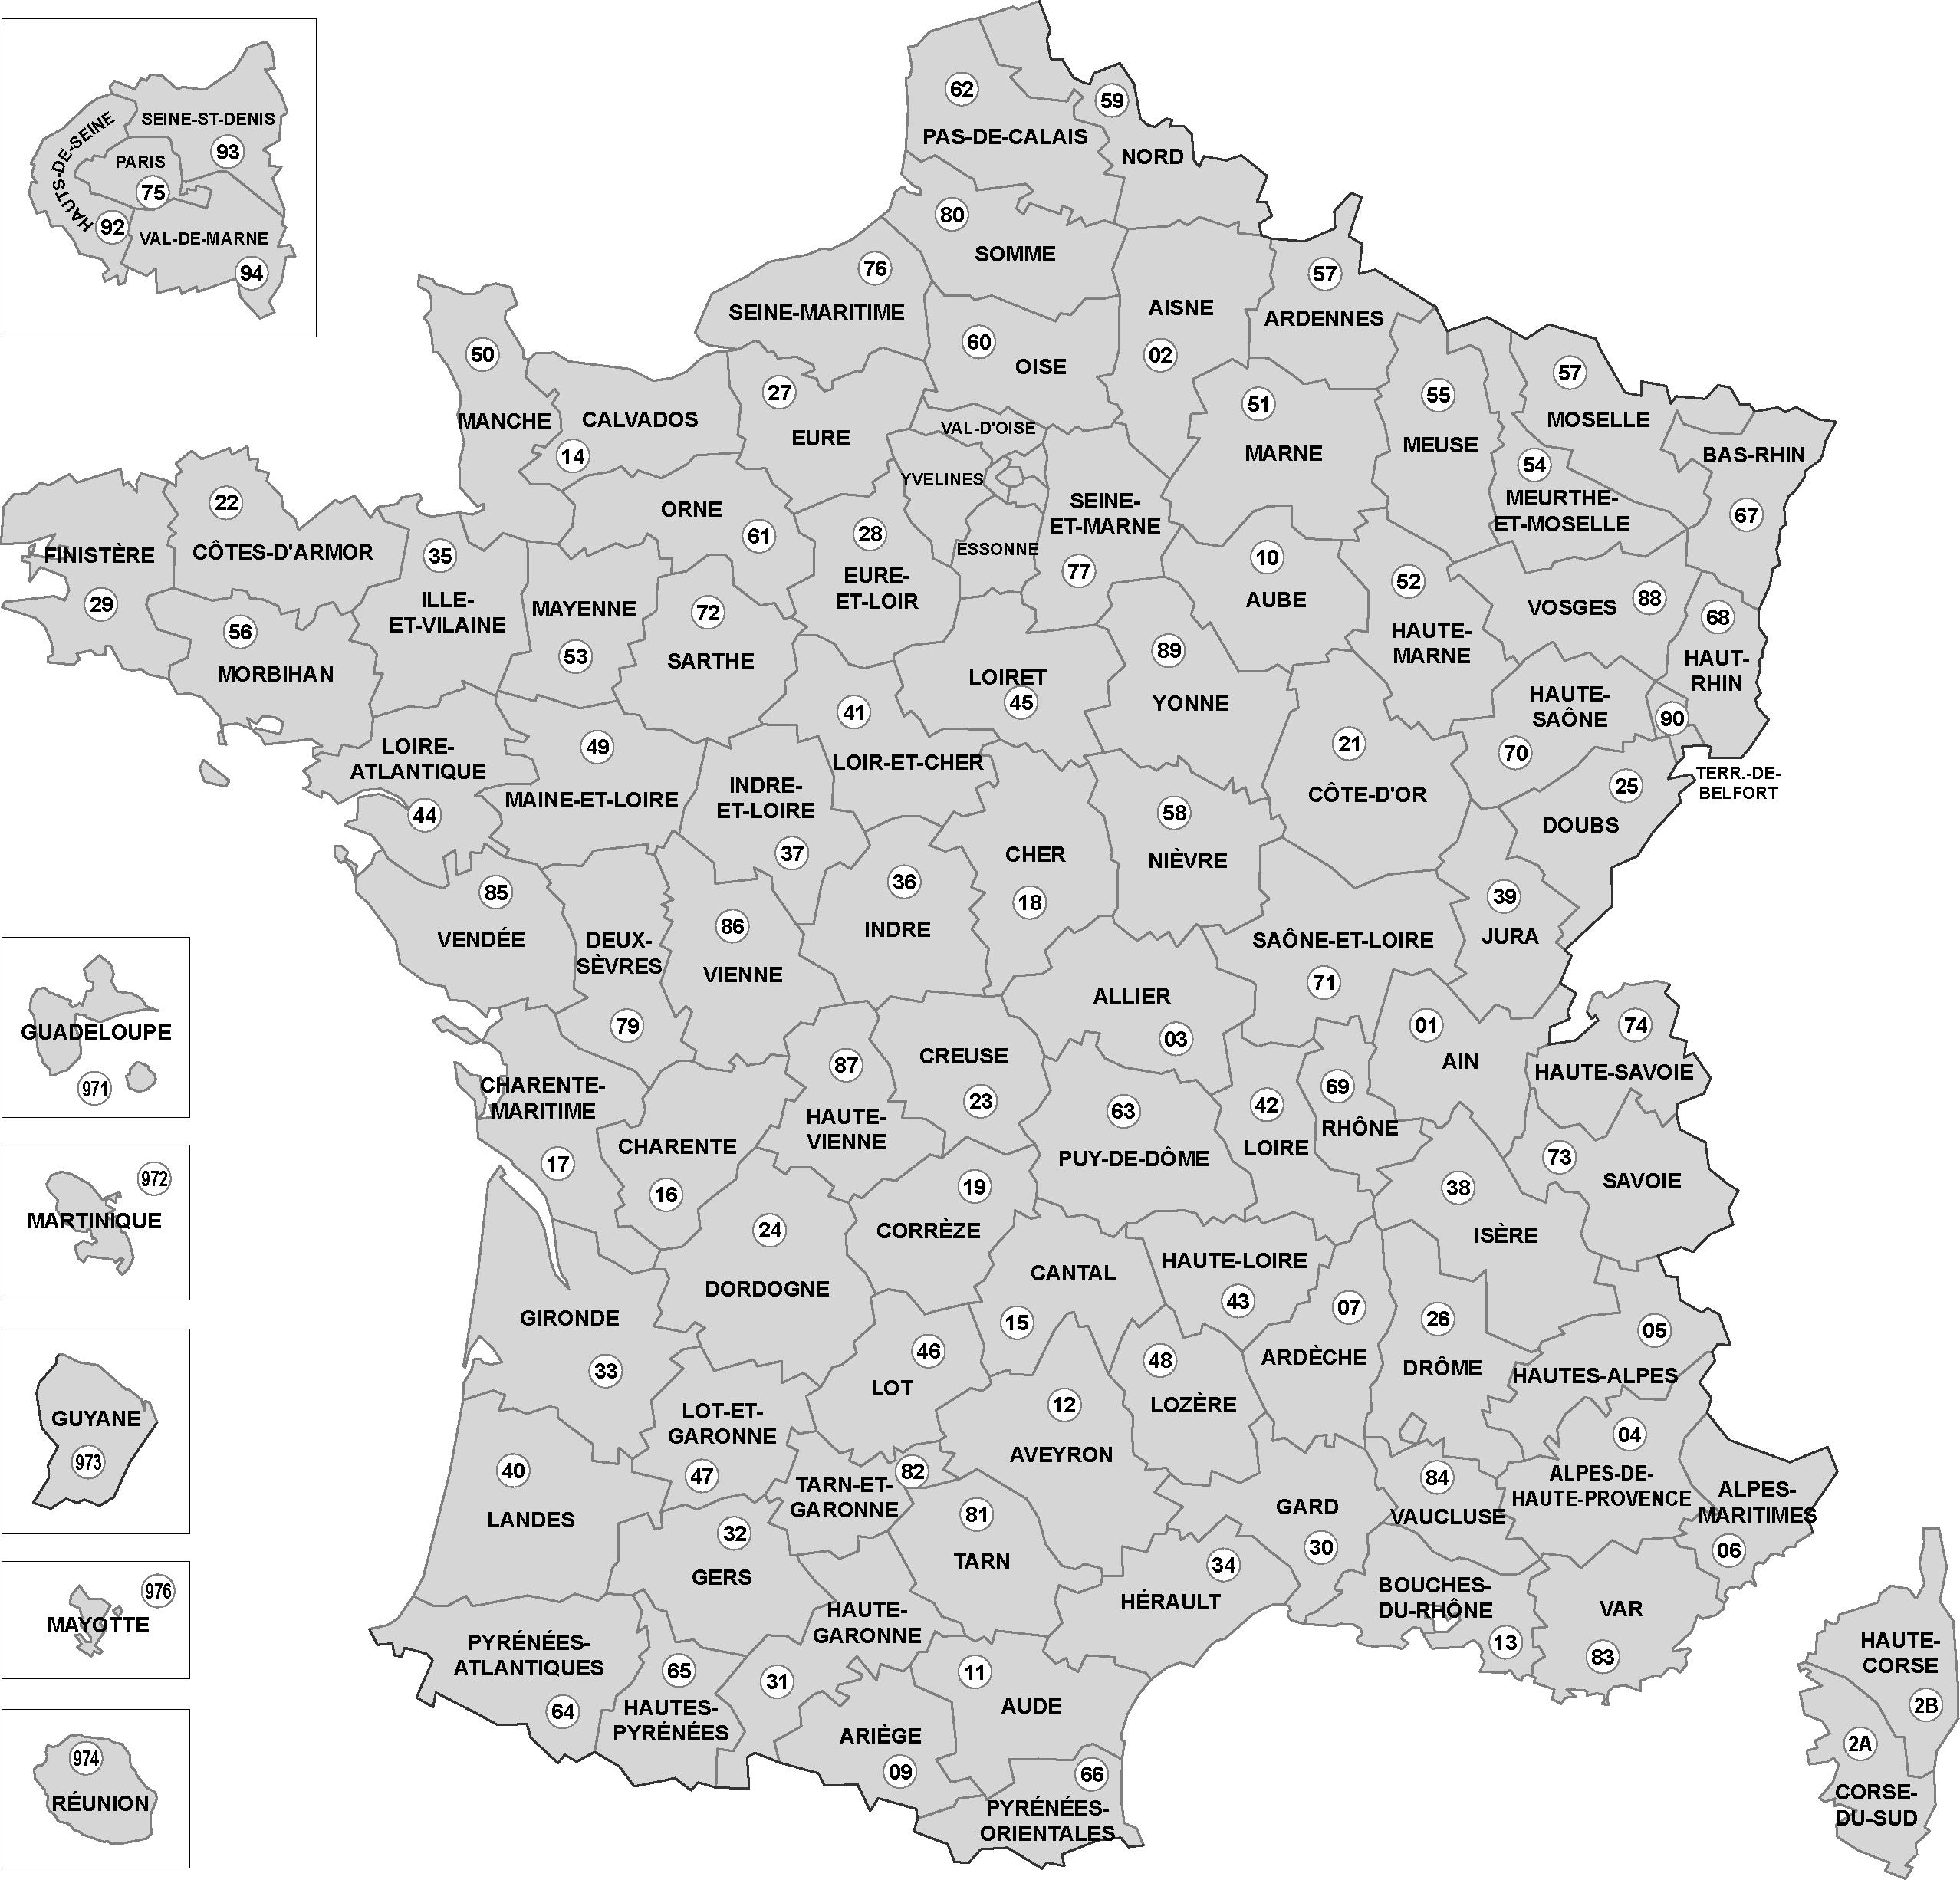 Cartes De France, Cartes Et Rmations Des Régions à Carte France Département Vierge